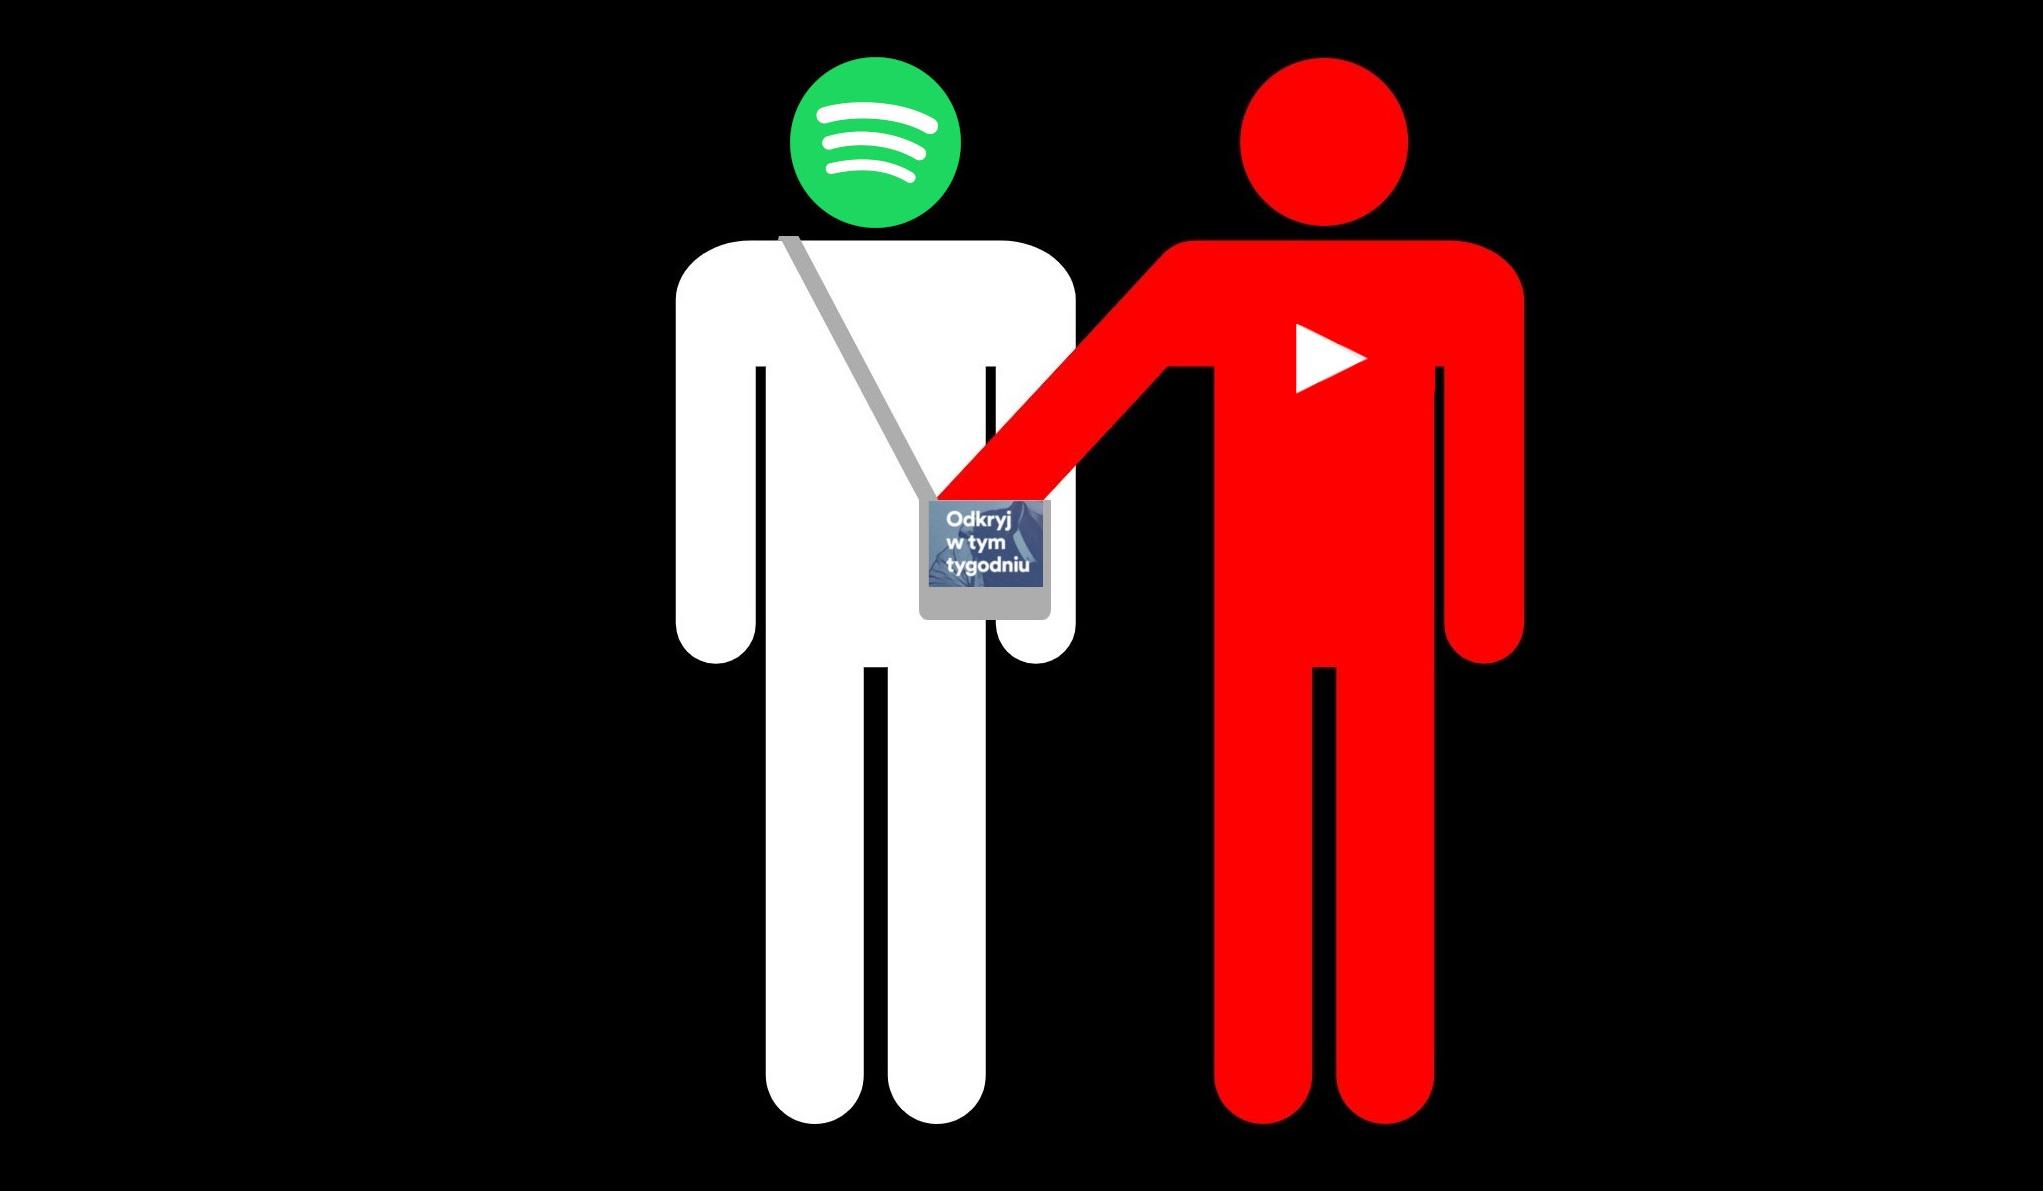 YouTube Music kradnie pomysł na odkrywanie muzyki od Spotify 30